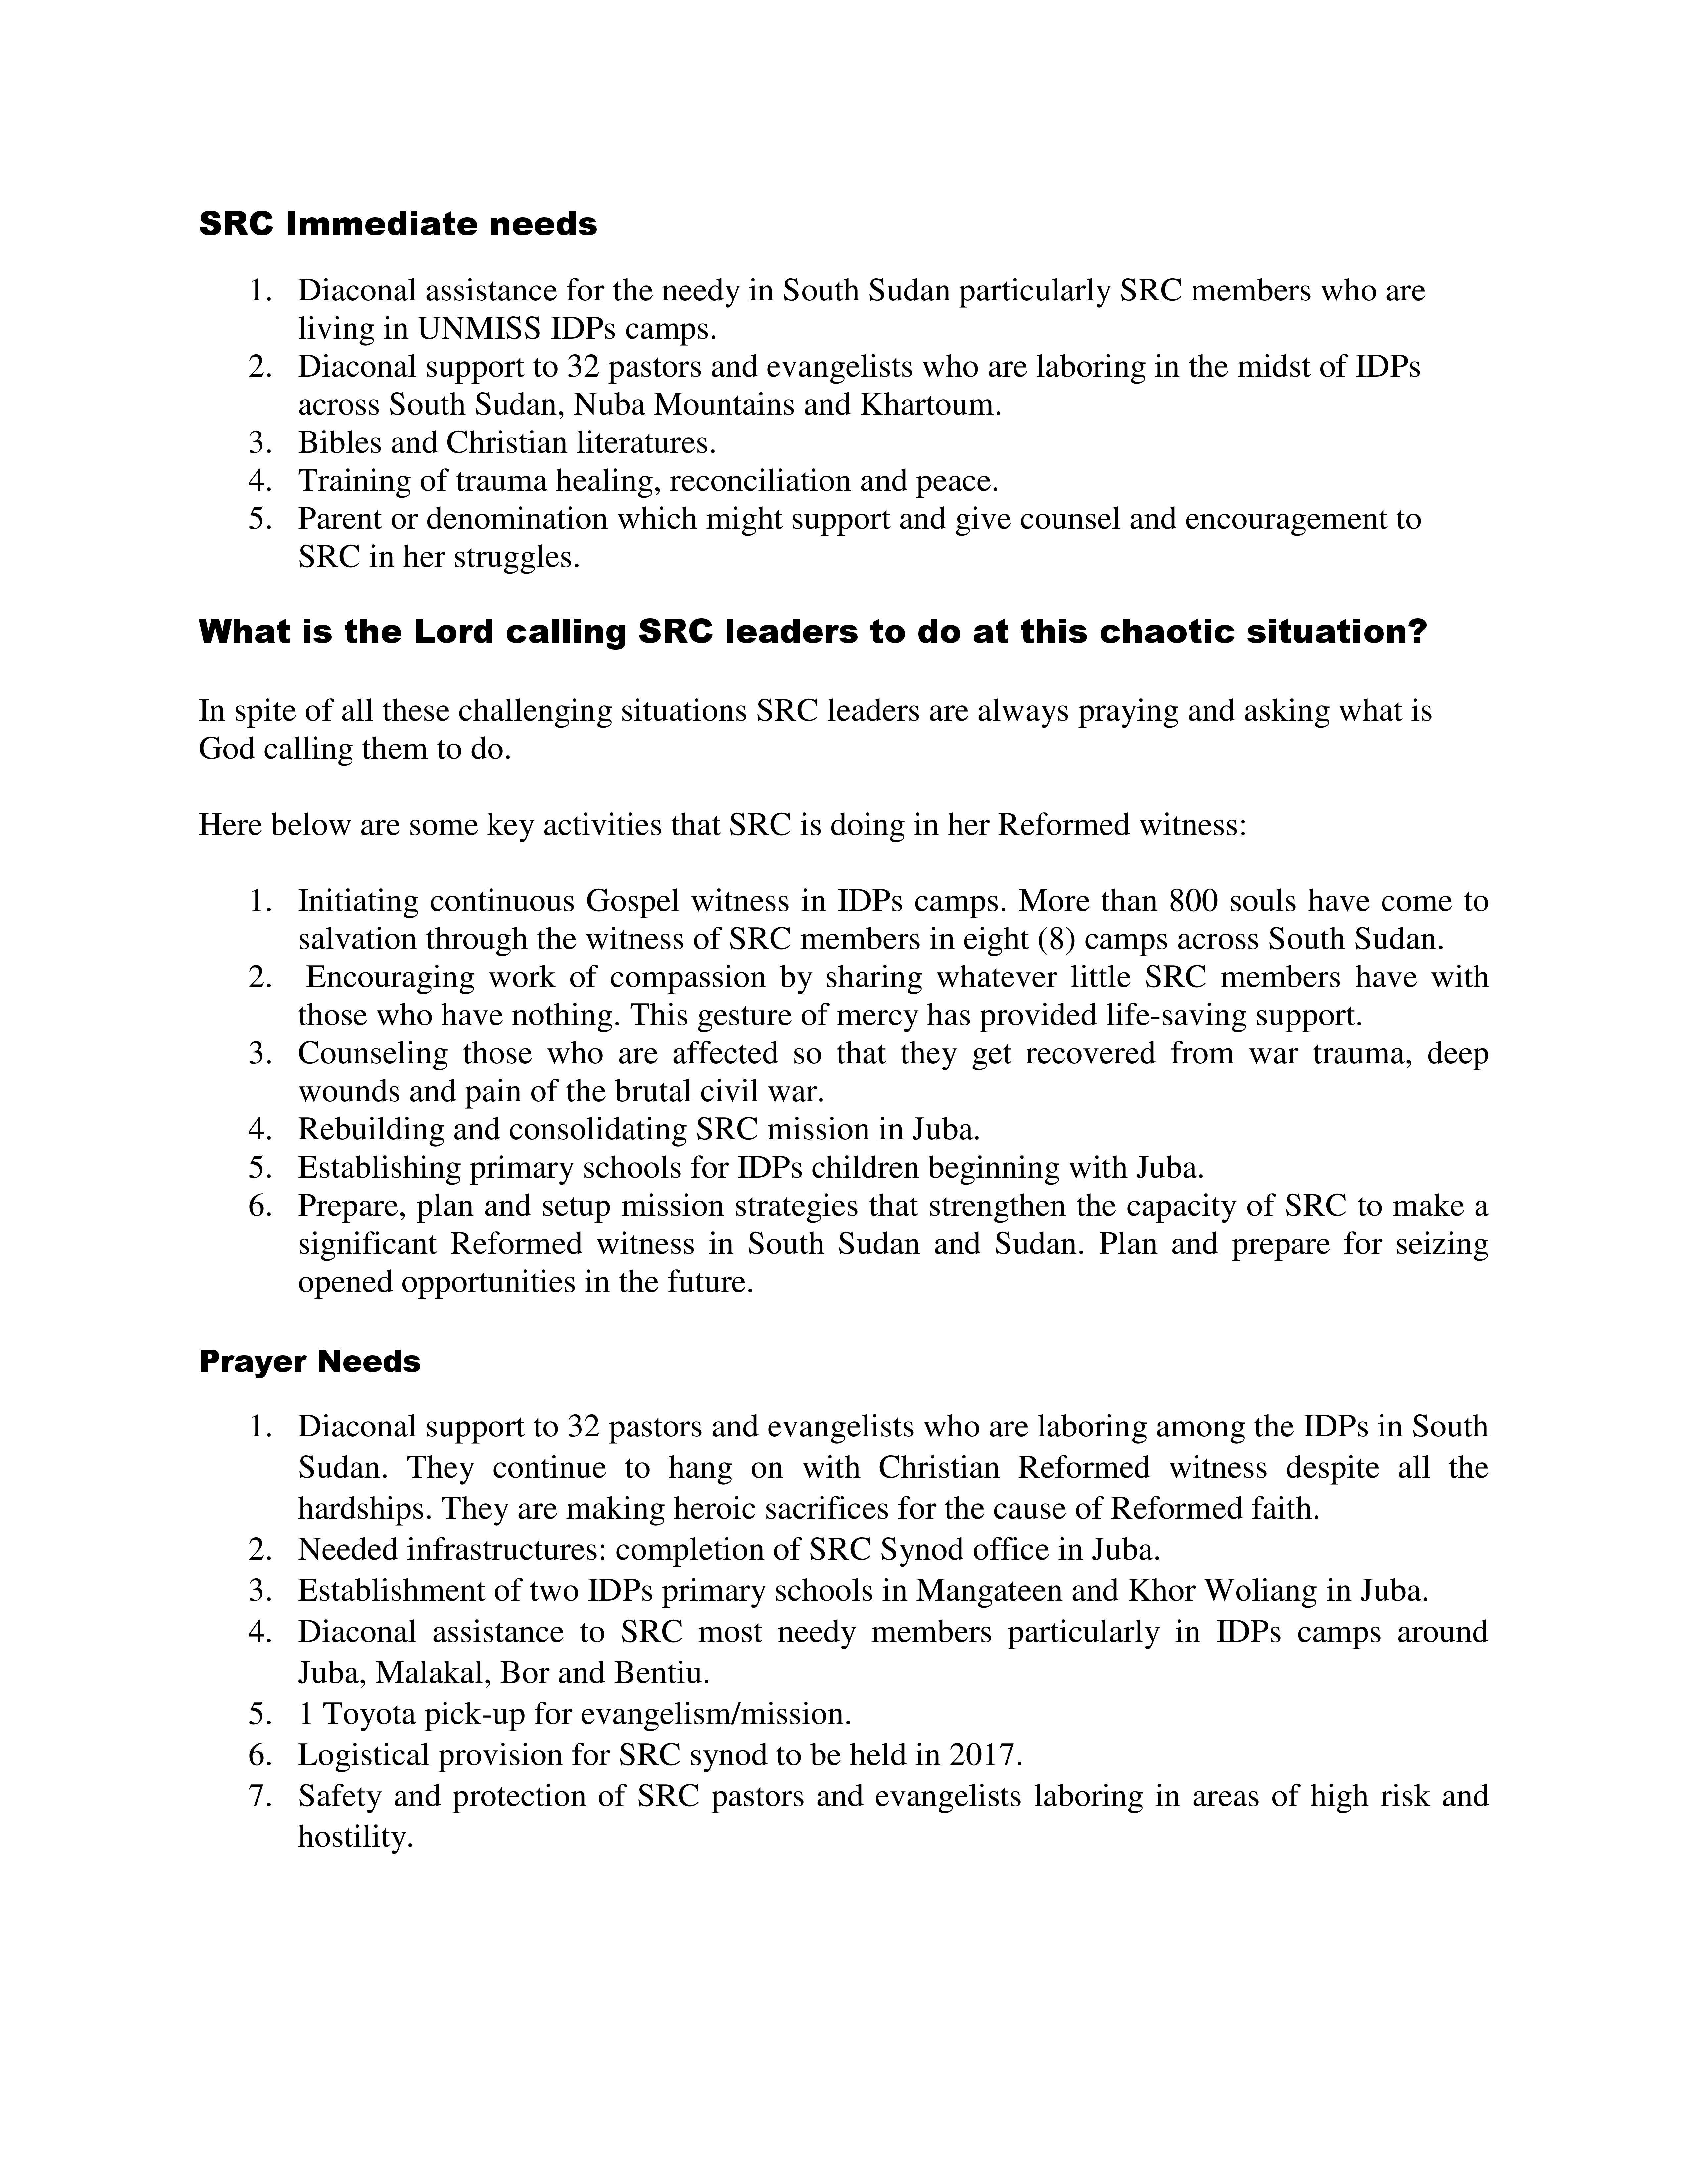 SRC '16 Page8